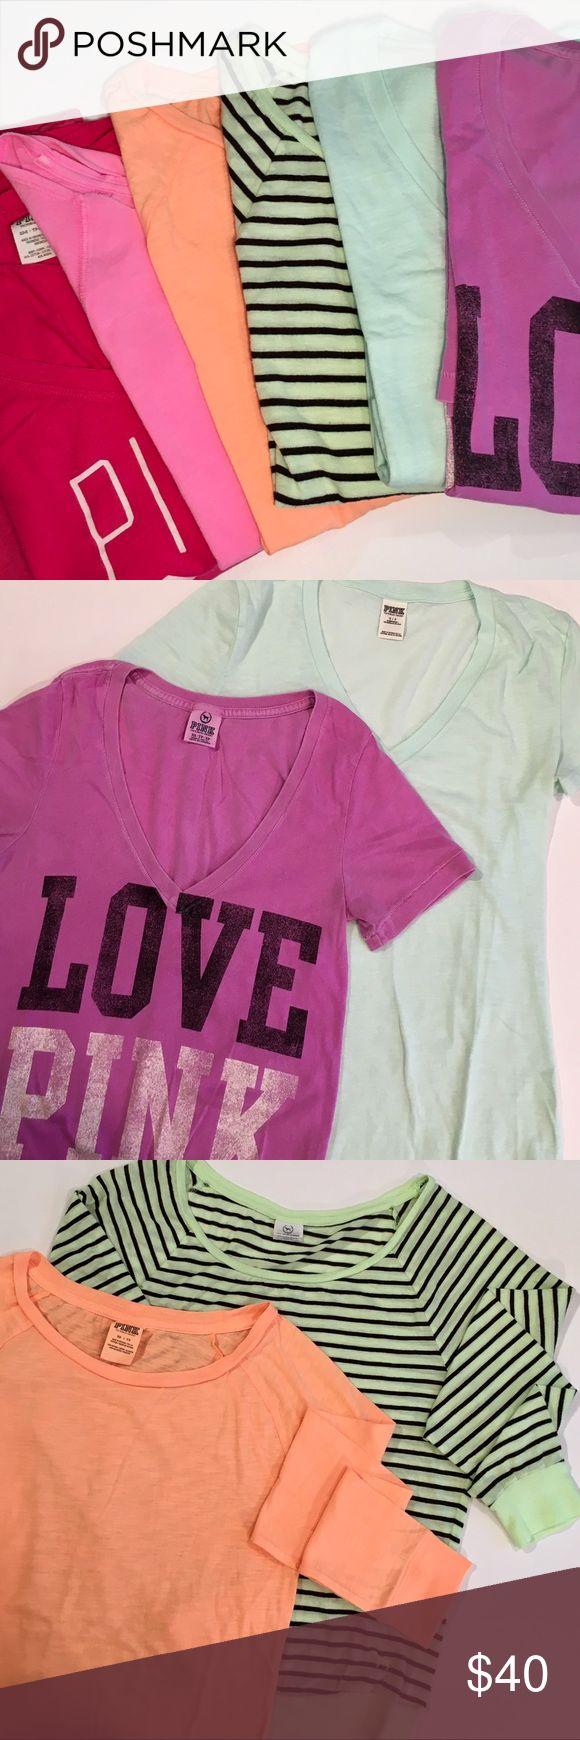 BUNDLE: 6 VS PINK TEES! ✔️Hot Pink Crop XS ✔️Jersey Batwing XS ✔️Orange Long Sleeve XS ✔️Chartreuse Long Sleeve S ✔️Pistachio Tee S ✔️Purple Tee XS PINK Victoria's Secret Tops